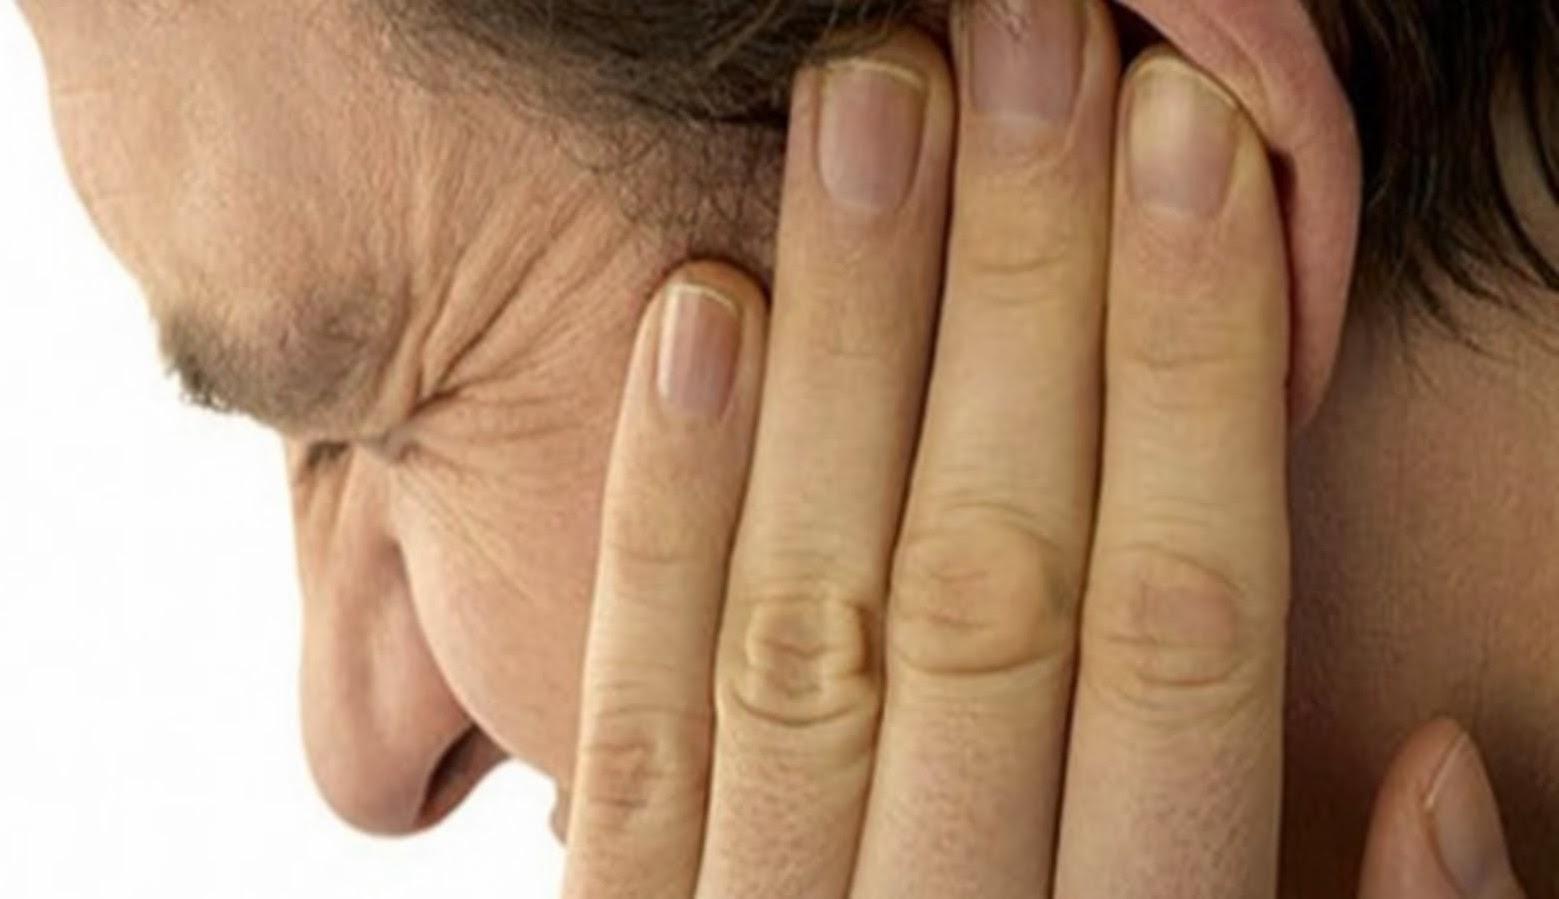 cần chữa viêm tai xương chũm dứt điểm hiệu quả nhanh